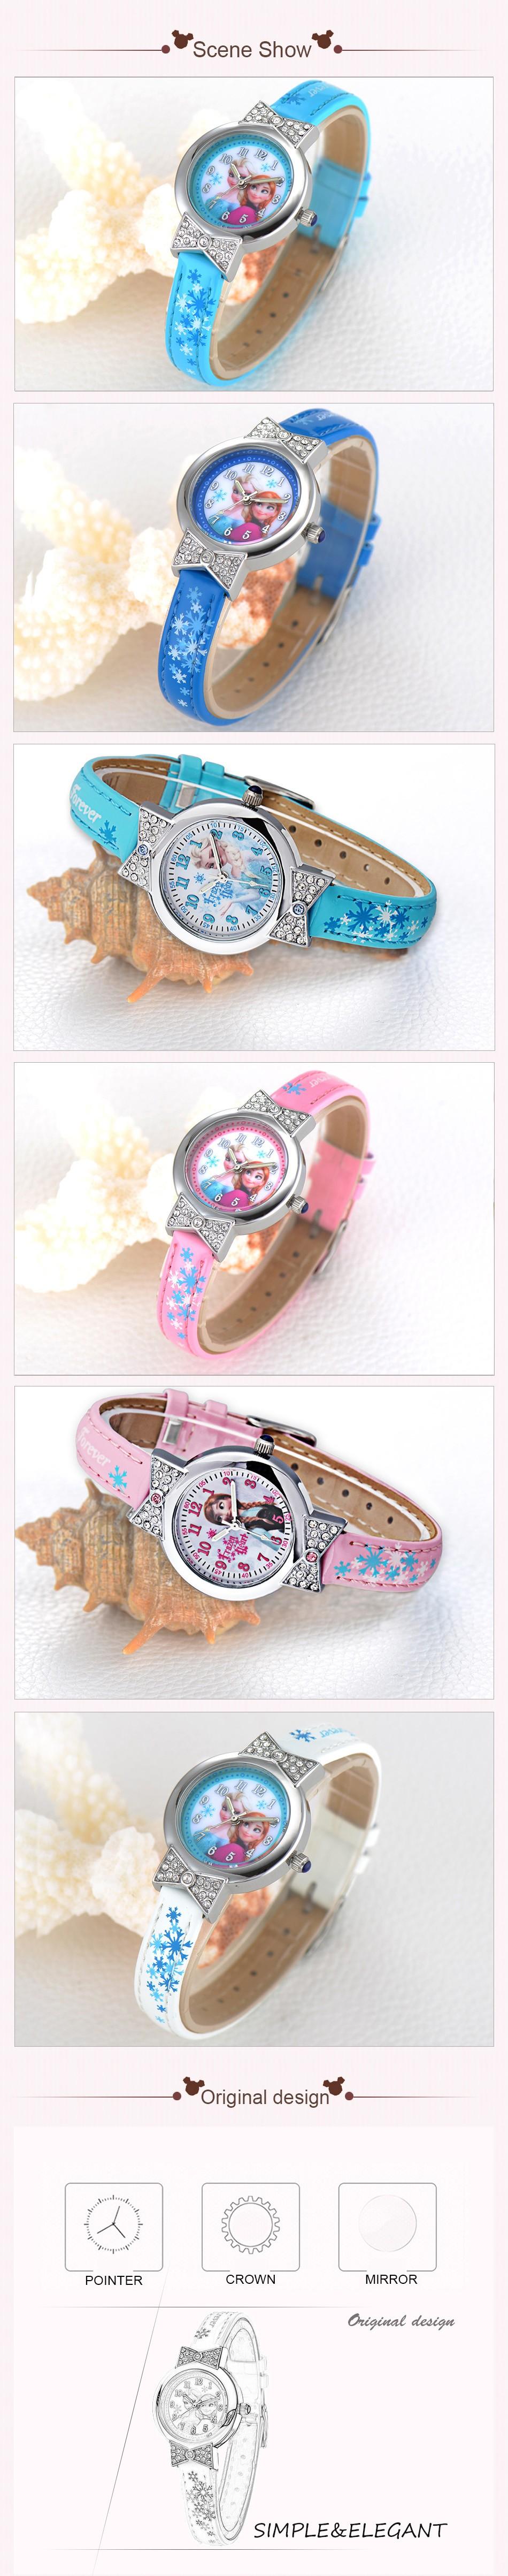 9f670572 Купить Лед часы для девочки Hello Kitty в интернет магазине с бесплатной  доставкой